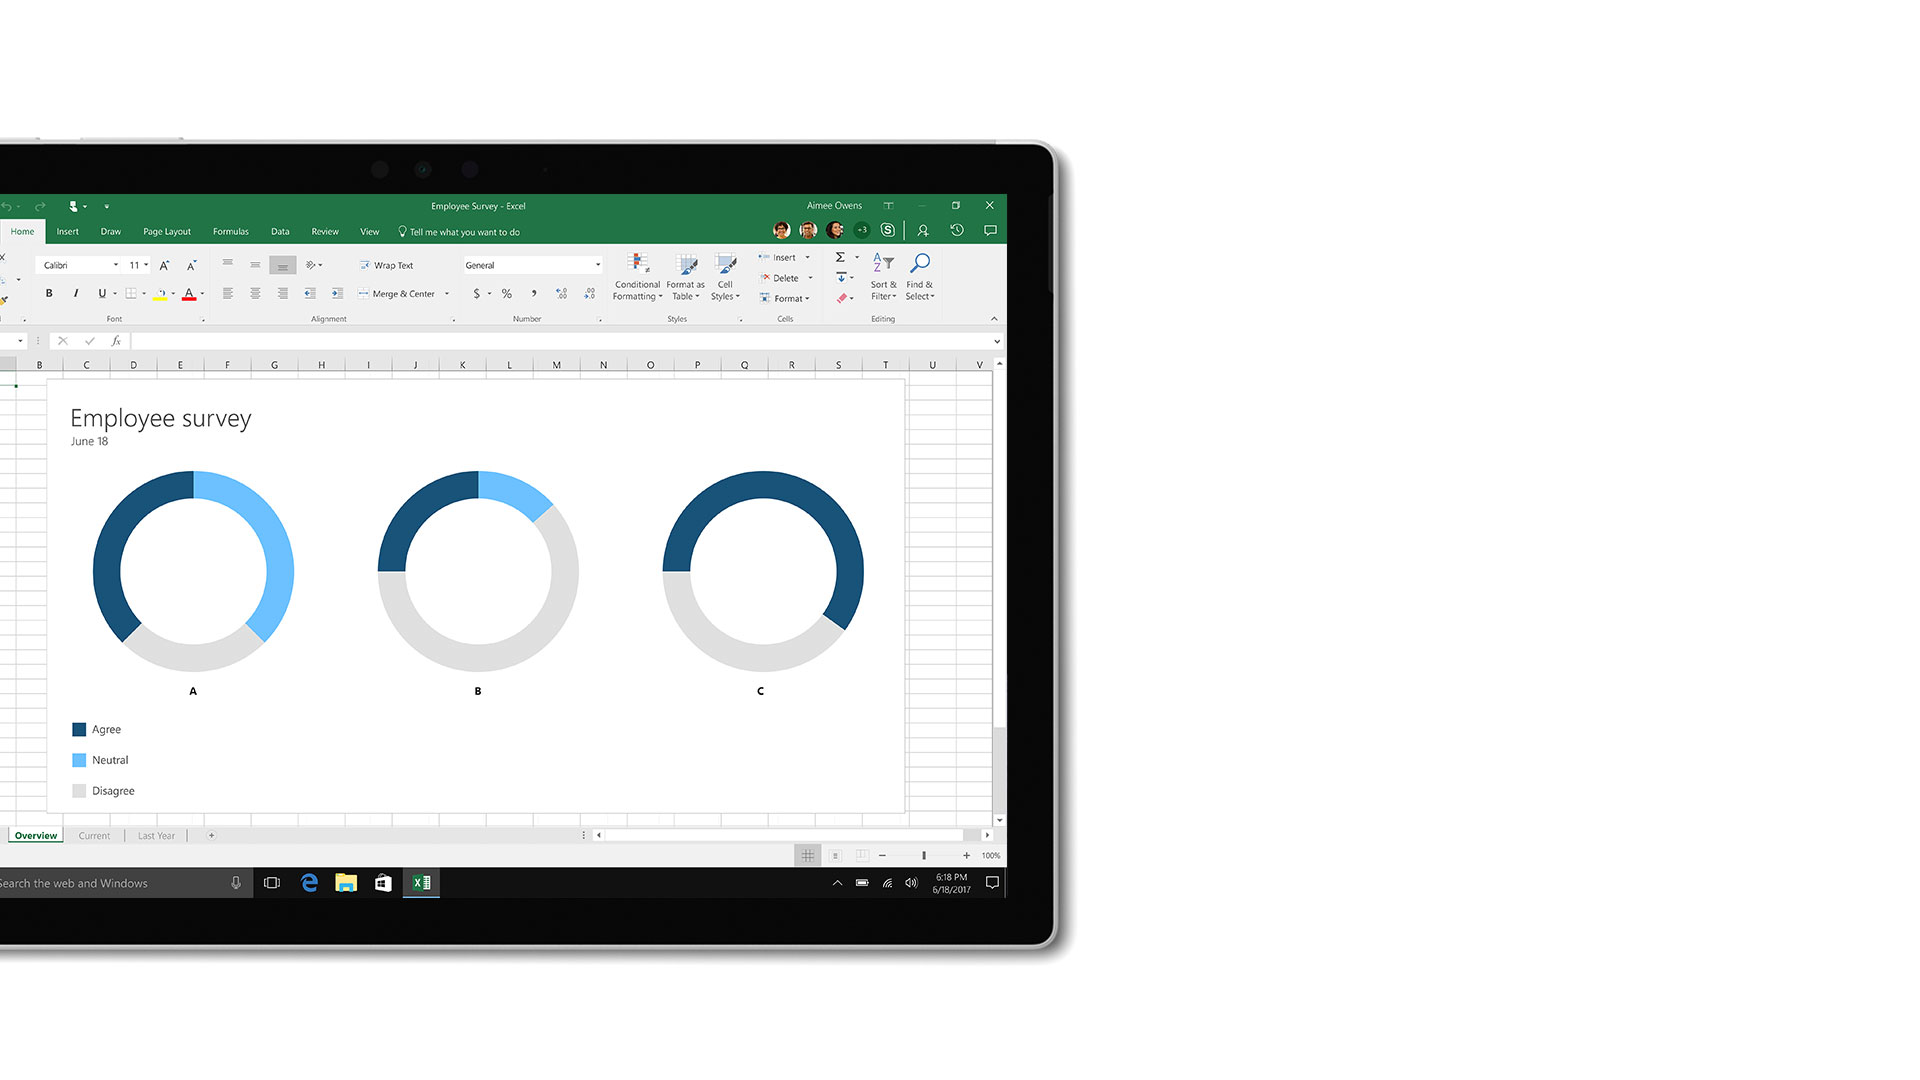 Bild von Microsoft Excel-Benutzeroberfläche